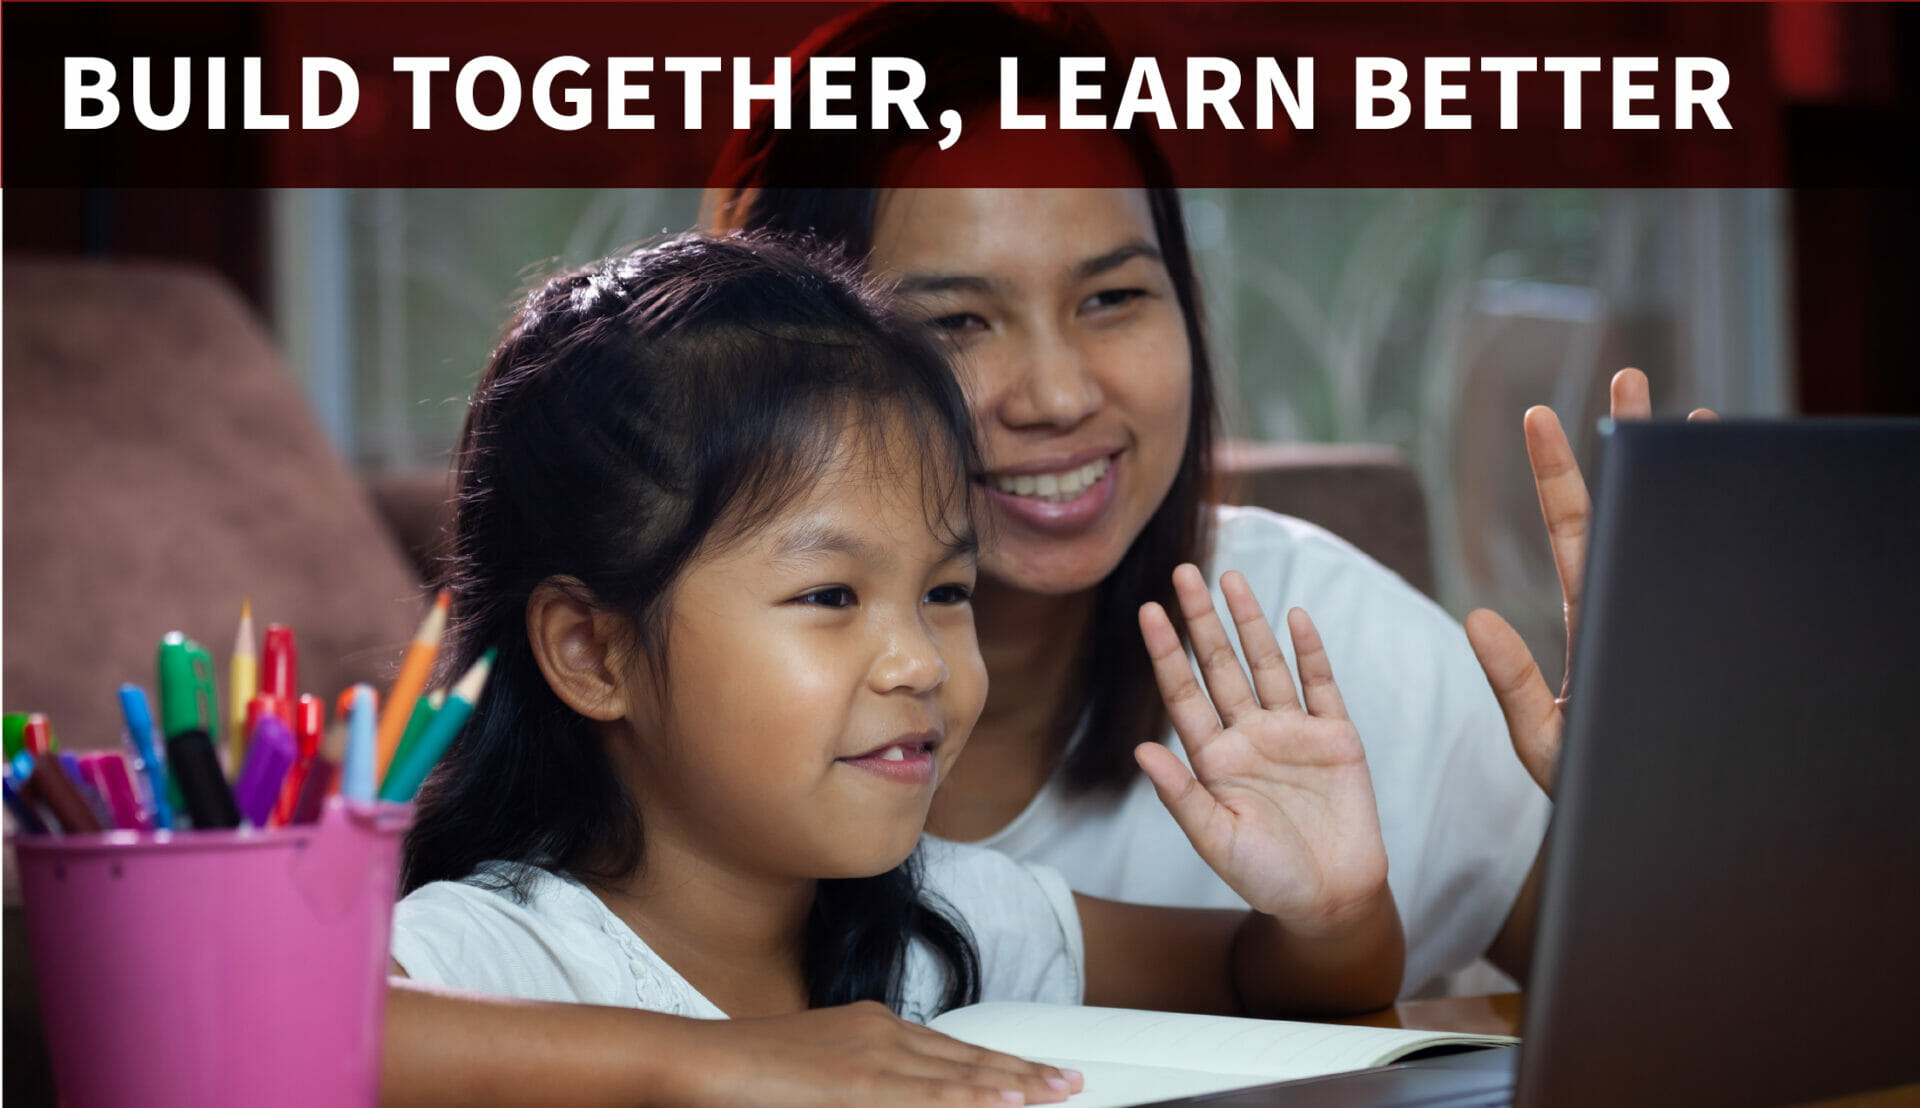 Built Together, Learn Together